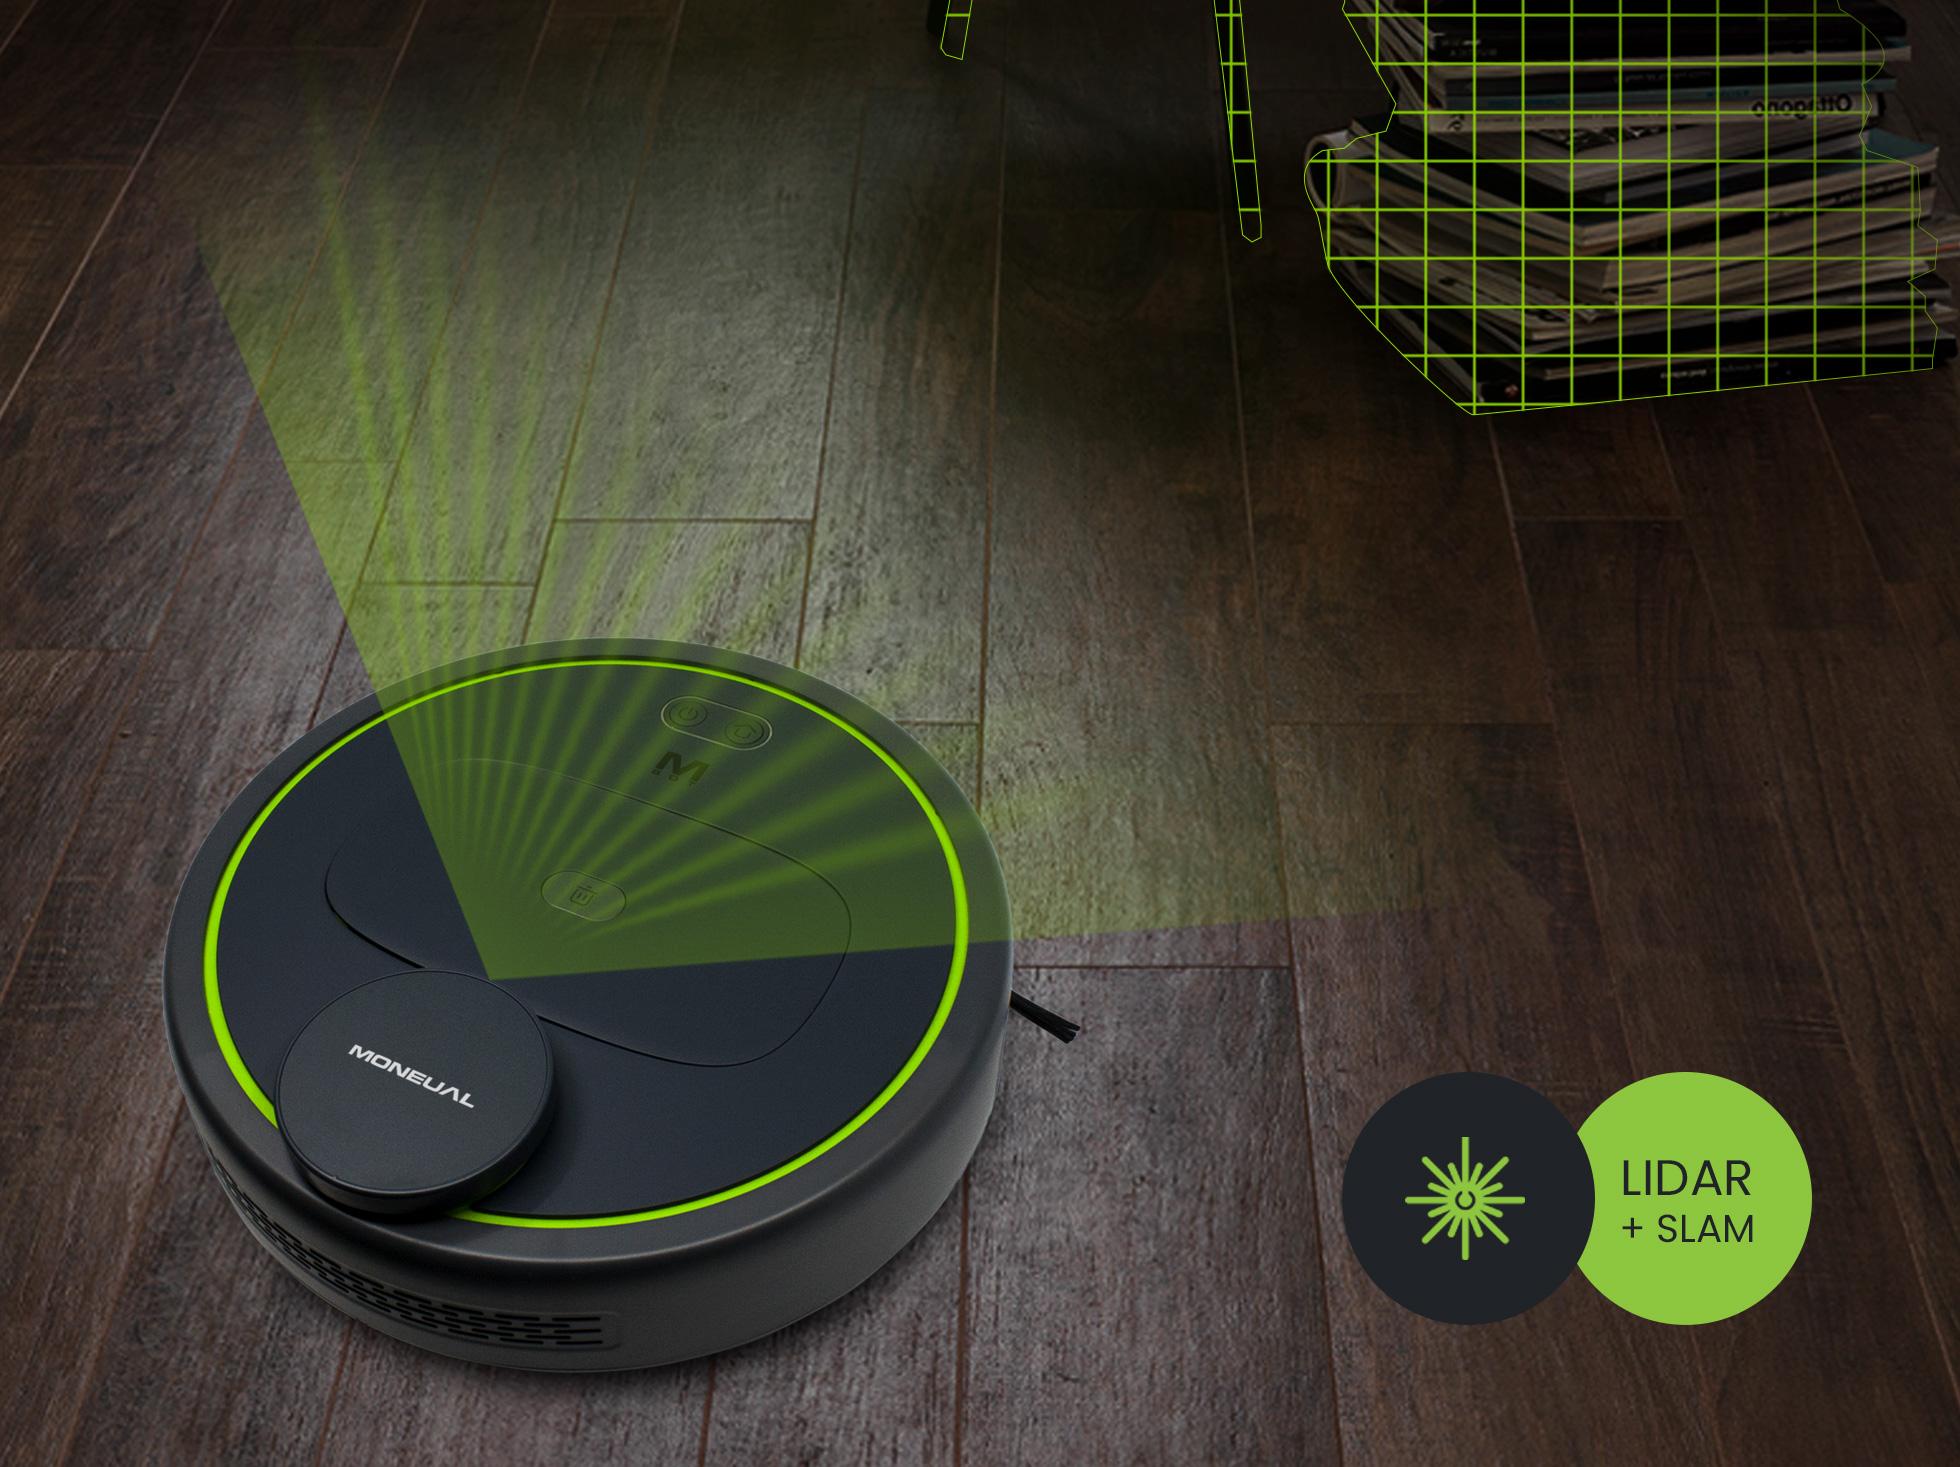 Automatyczny robot z laserowym systemem umożliwiającym precyzyjne odnajdowanie się w mieszkaniu, skanuje wokoł siebie.